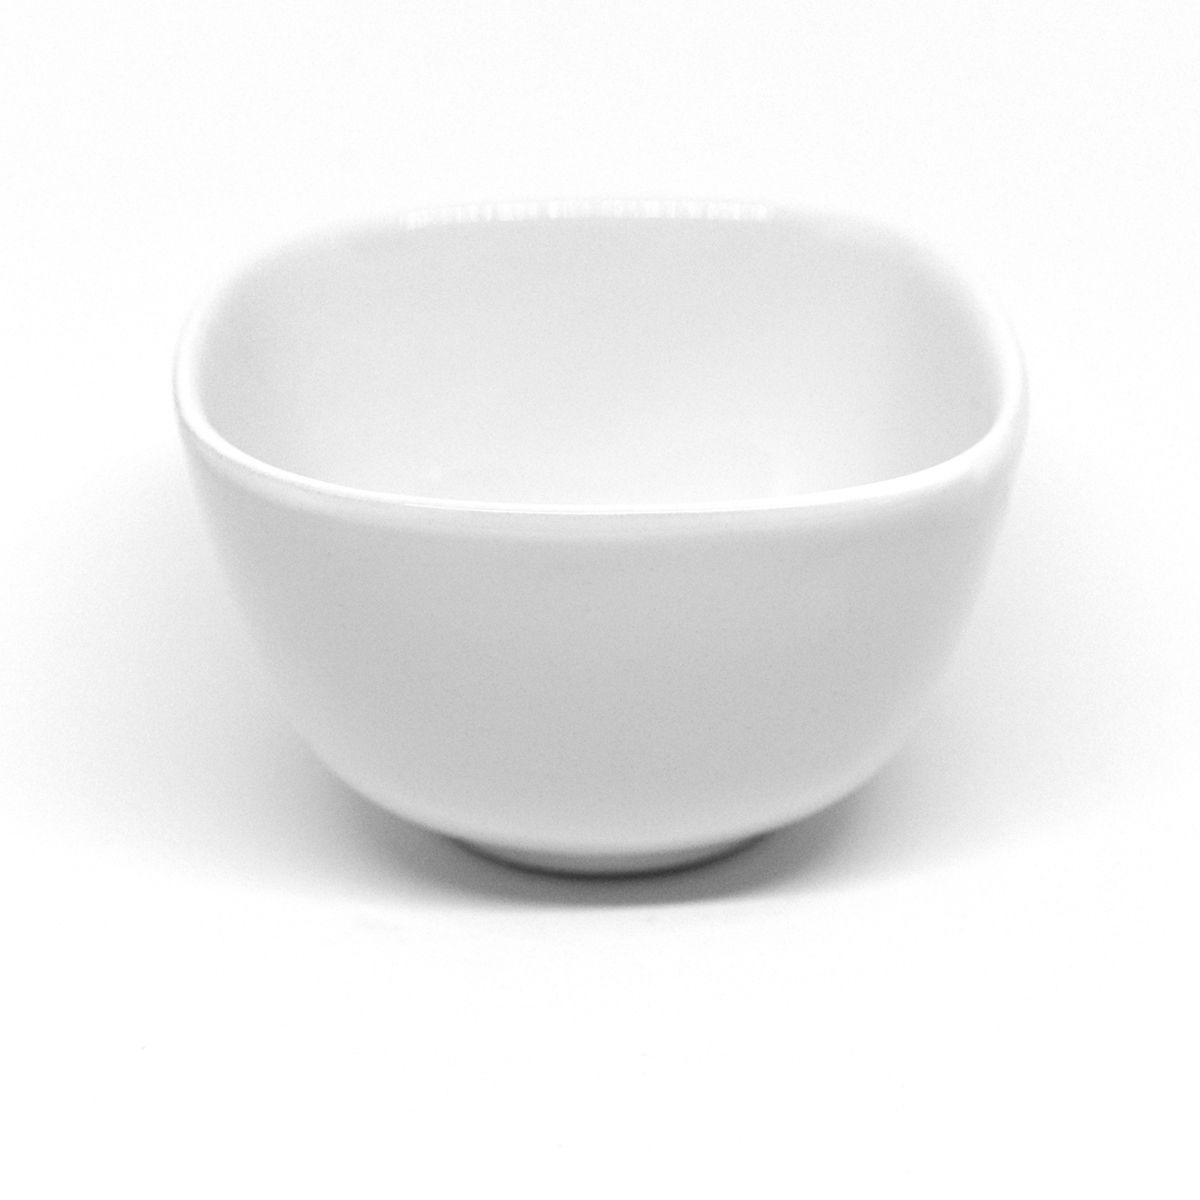 Coppa per riso